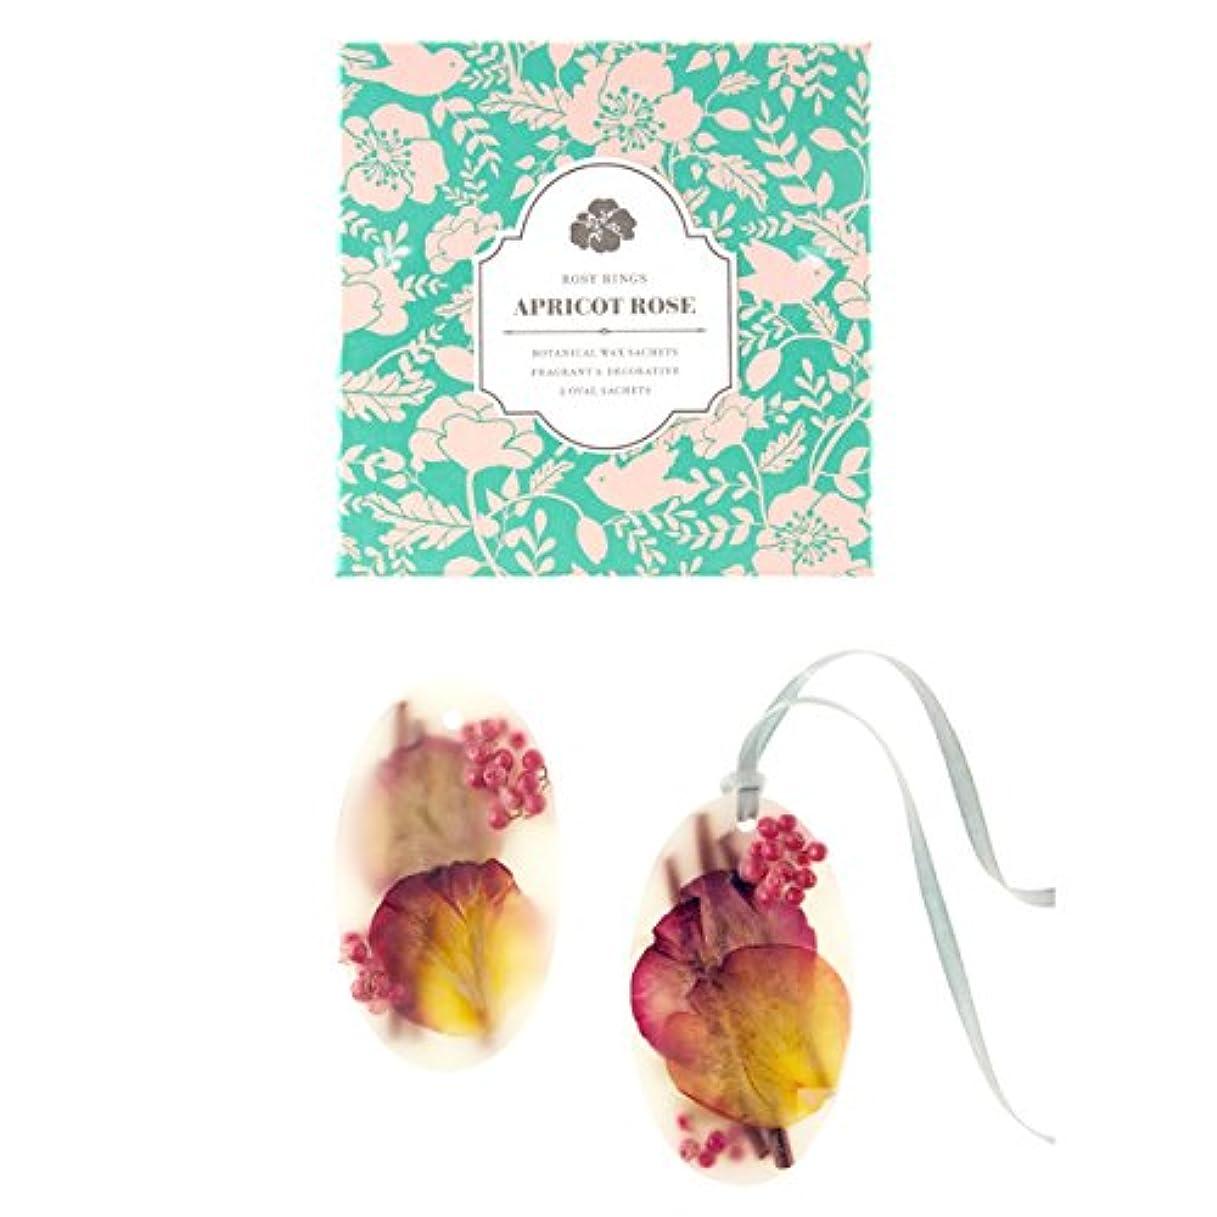 将来の局静めるロージーリングス ボタニカルワックスサシェ オーバル アプリコット&ローズ ROSY RINGS Signature Collection Botanical Wax Sachets – Apricot Rose